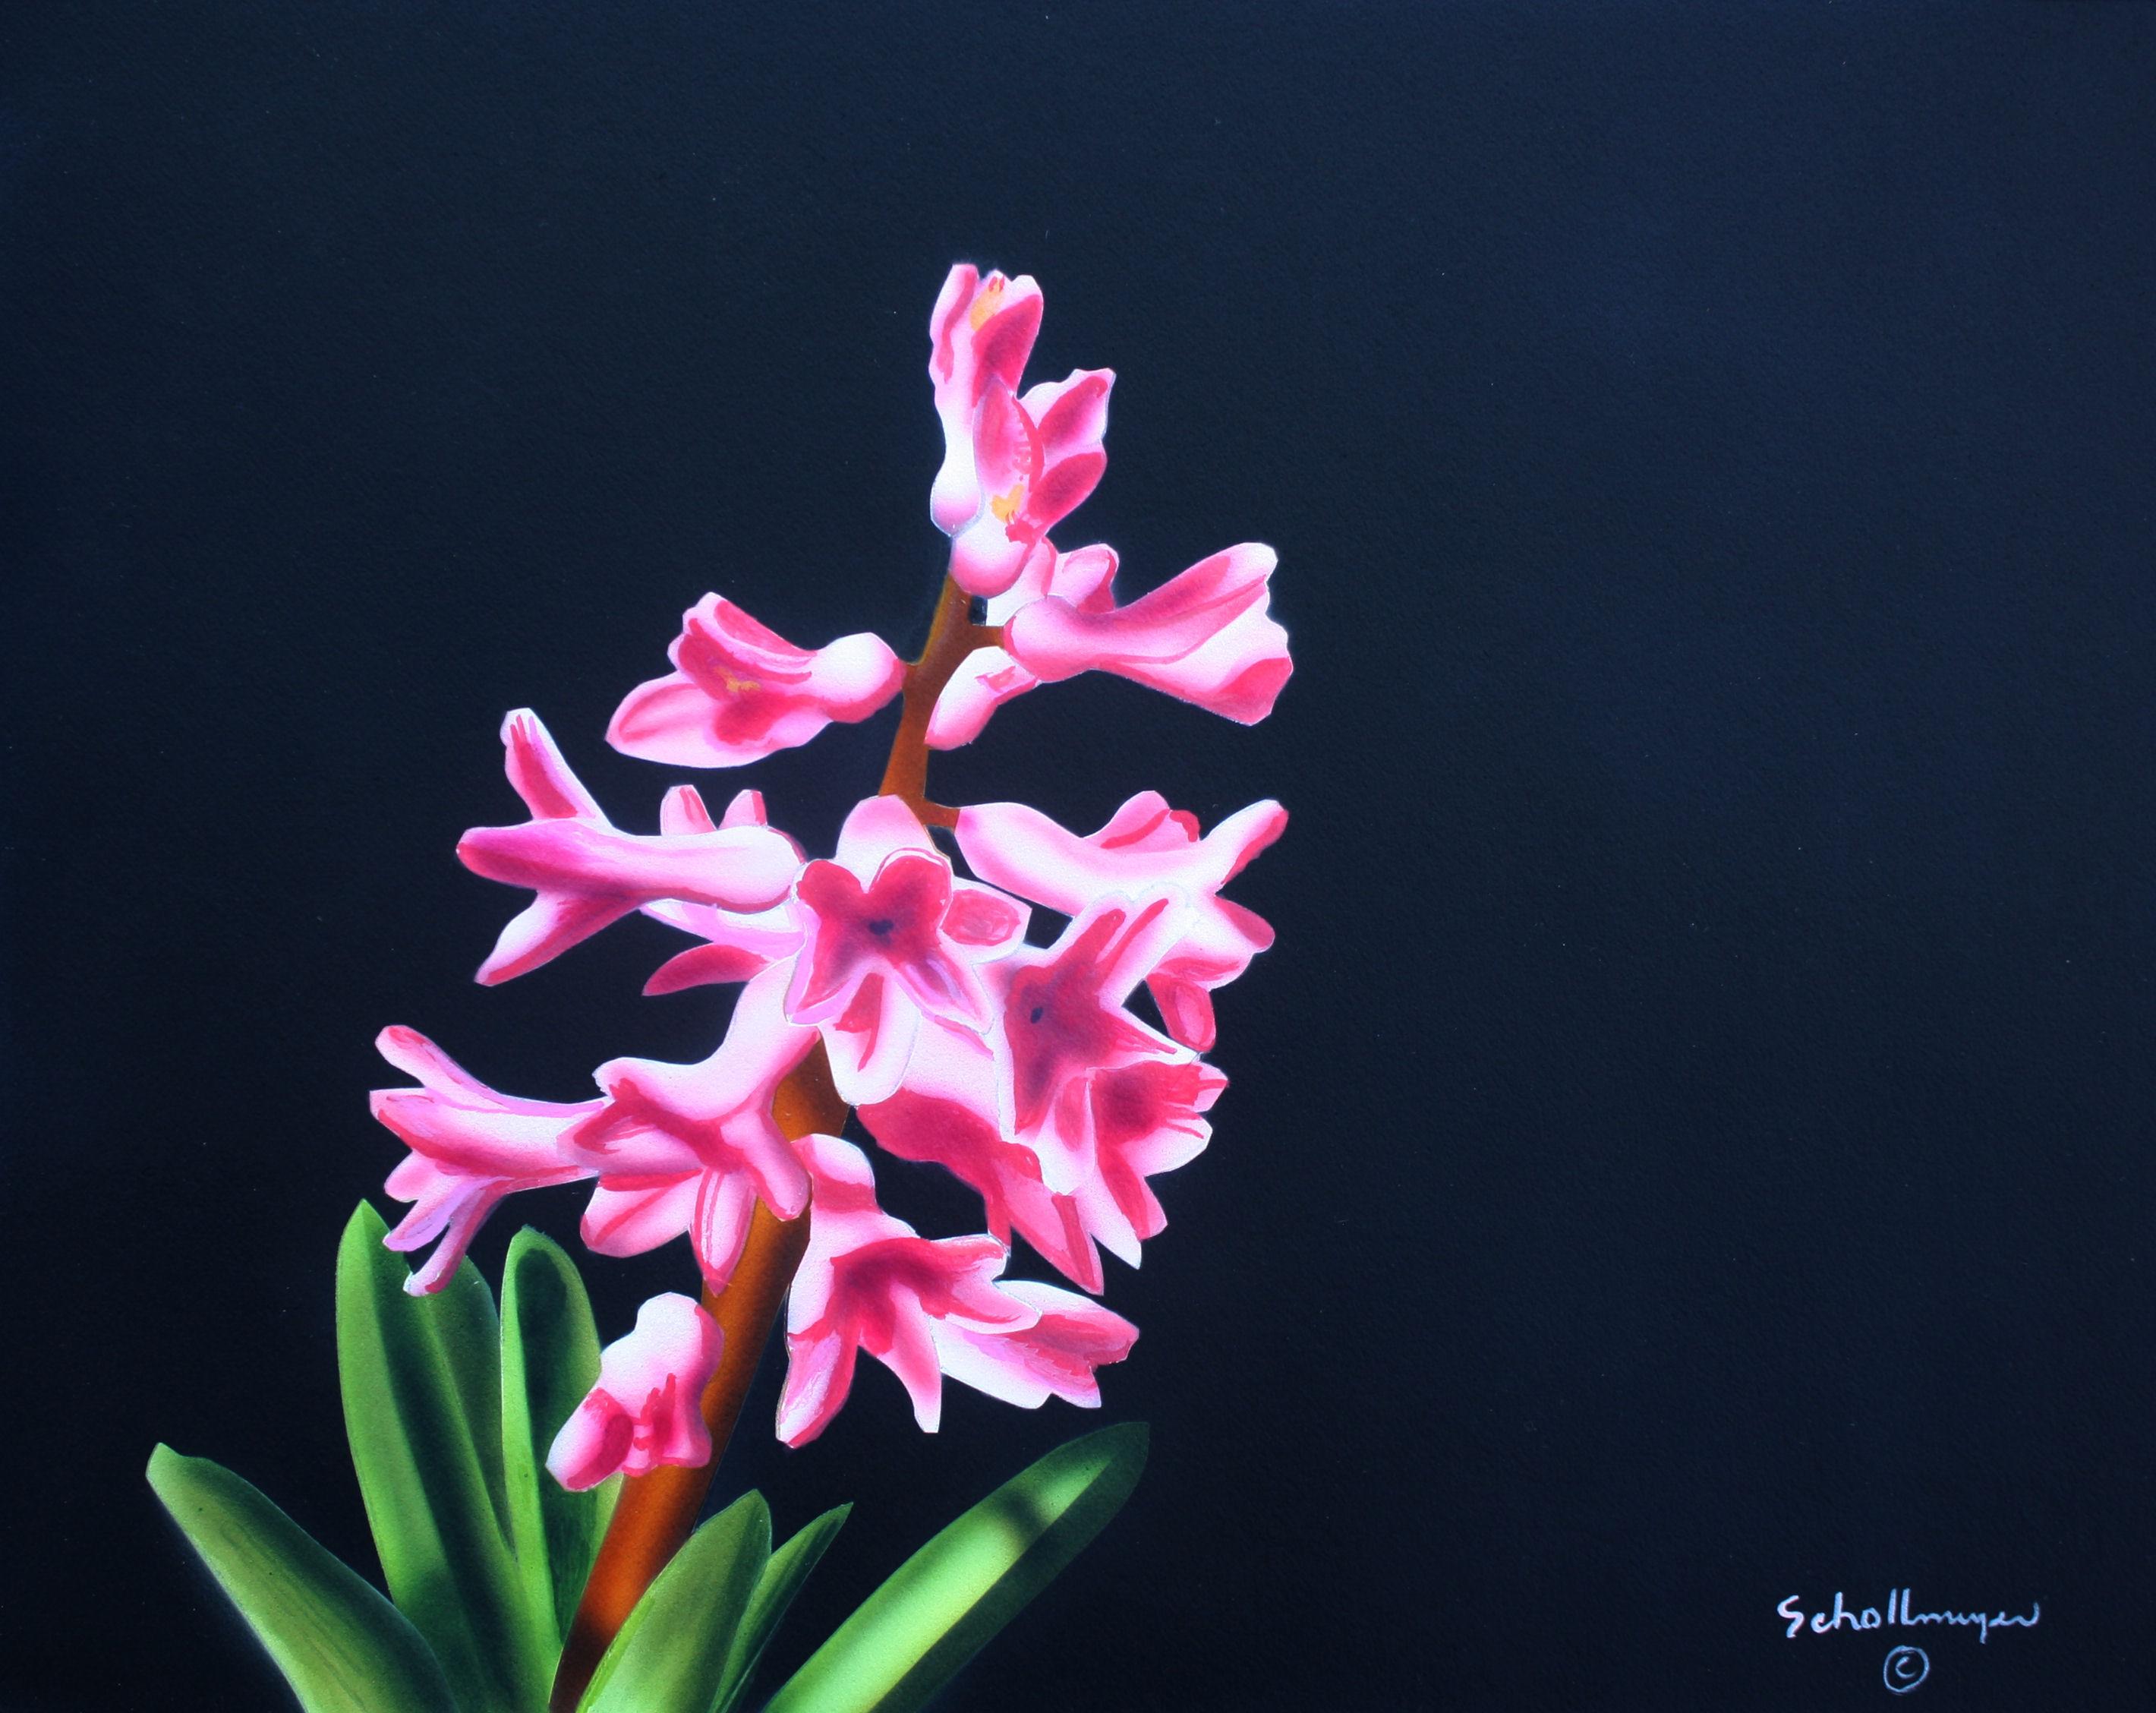 Early Hyacinth